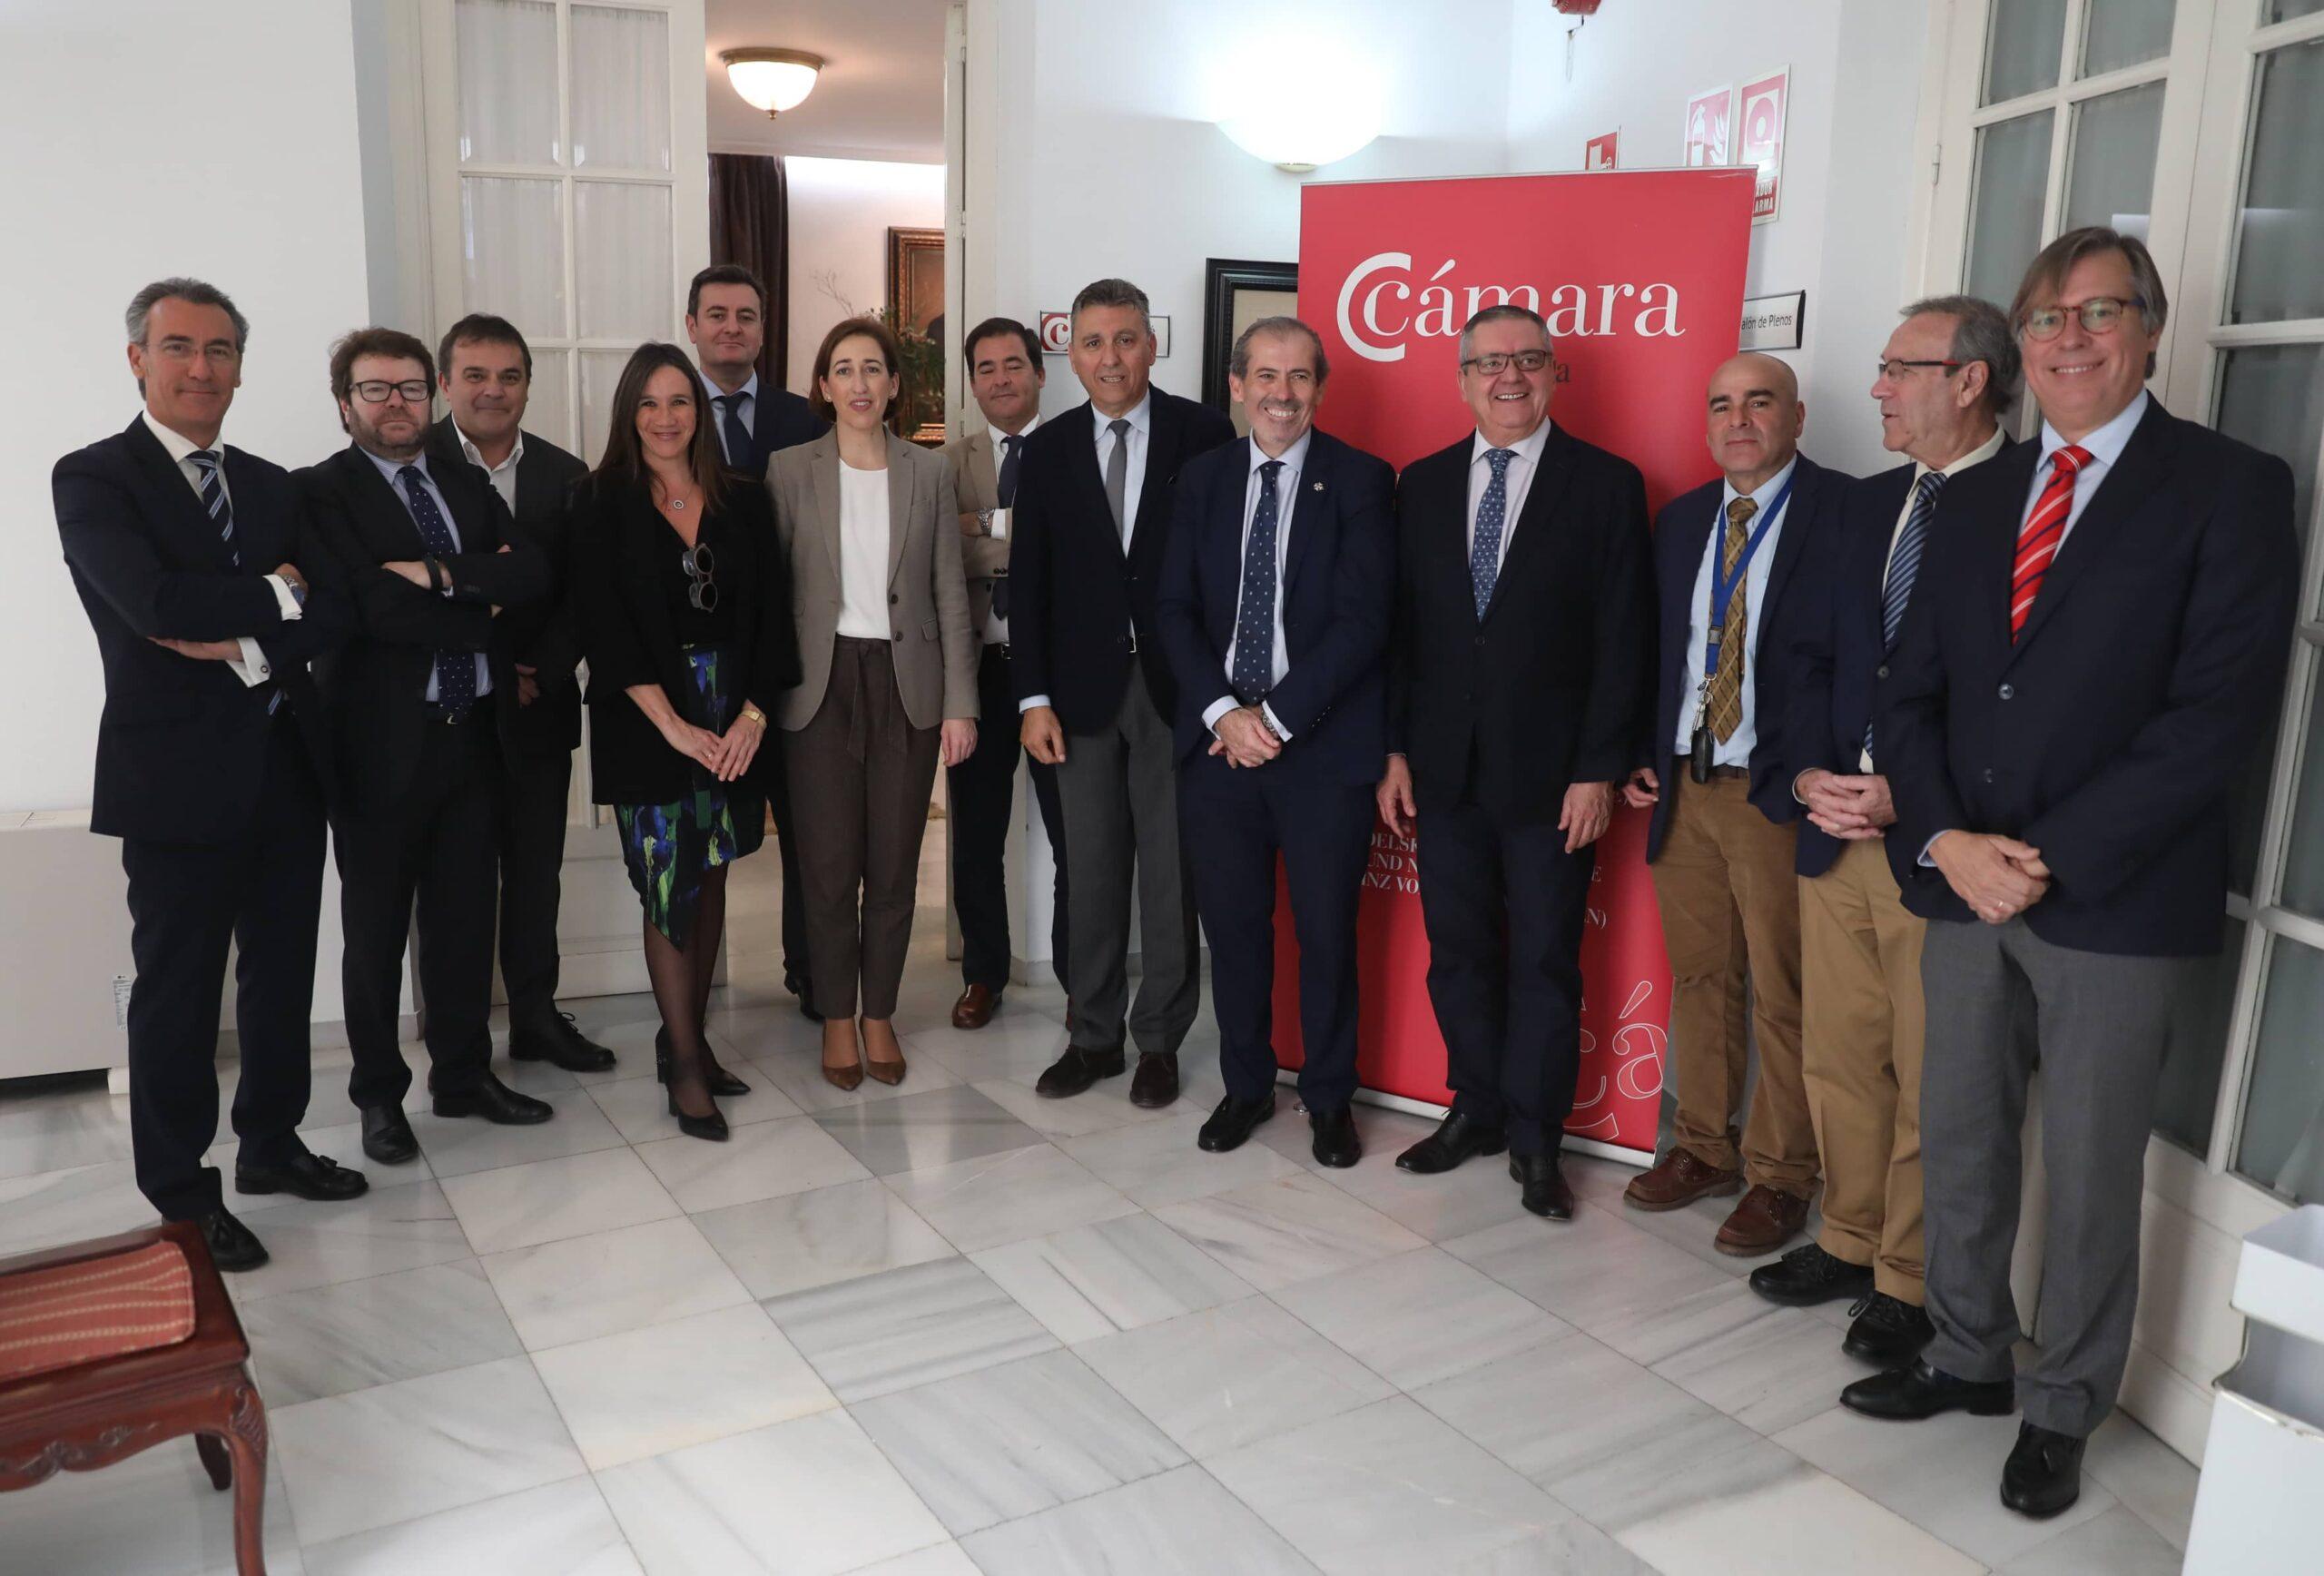 Consejo Superior Corte Arbitraje Cámara 2020